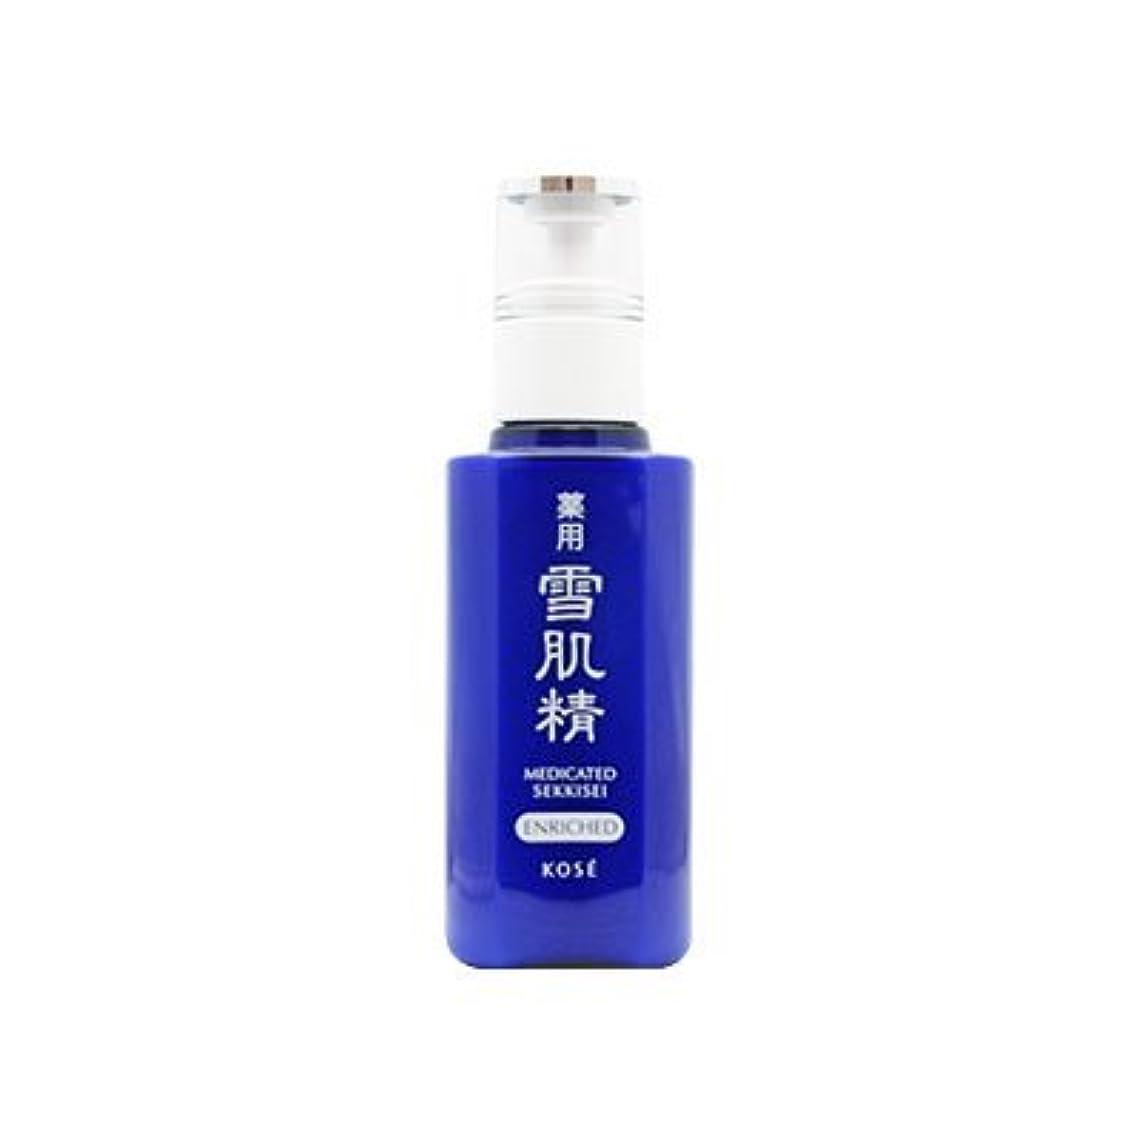 ベール制限無駄にコーセー(KOSE) 薬用 雪肌精 乳液 140ml[並行輸入品]